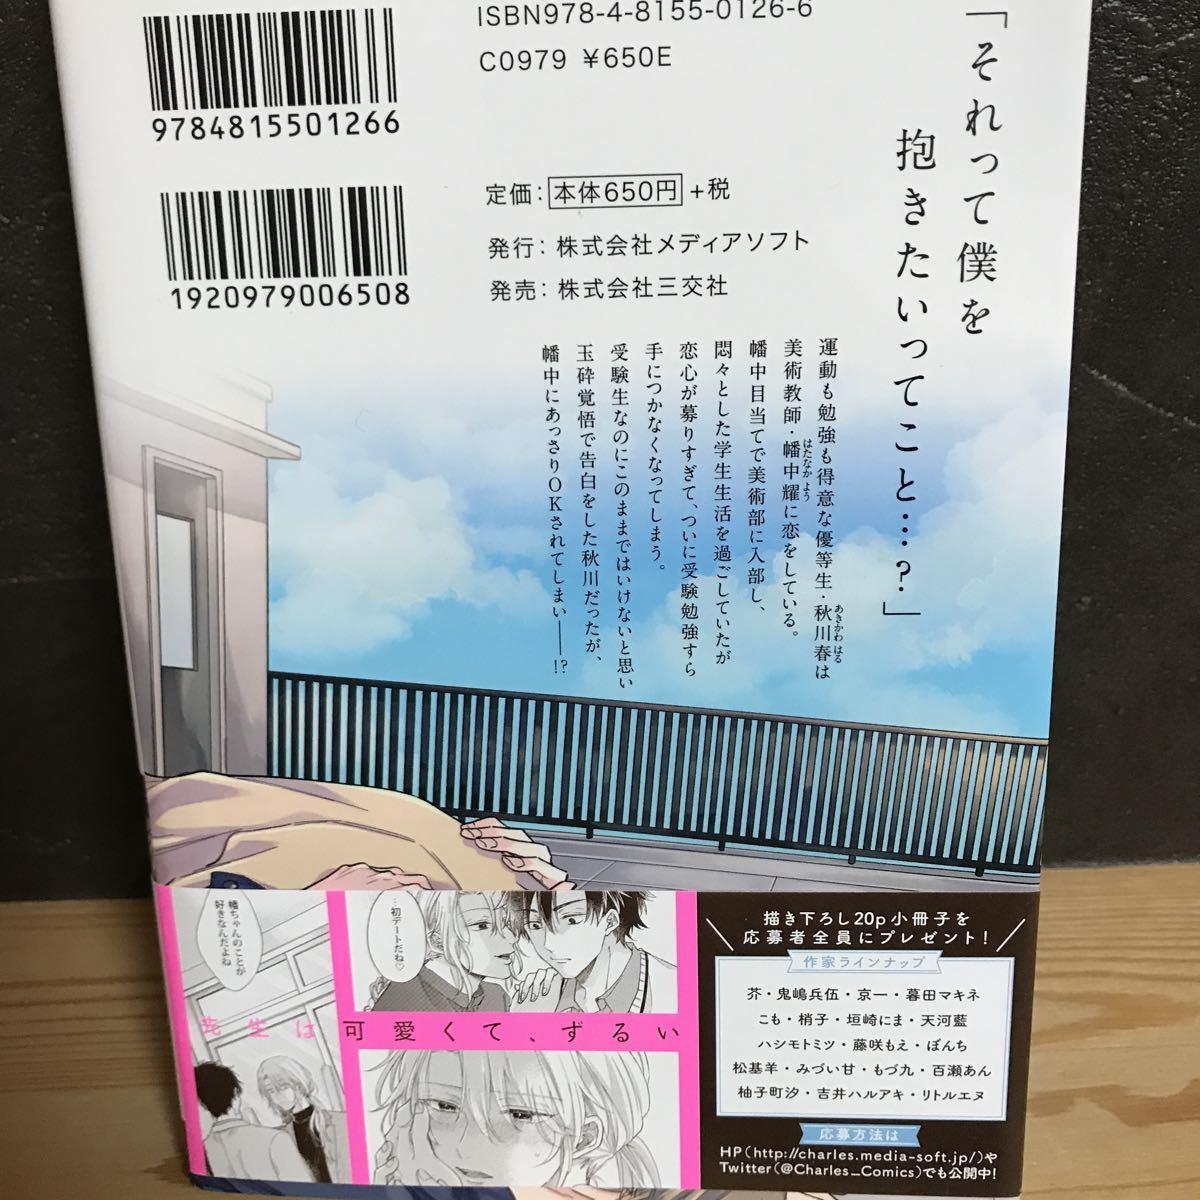 先生は恋を知らない 梢子 2020年7月 初版 BLコミック ボーイズラブ 即決 同梱可能